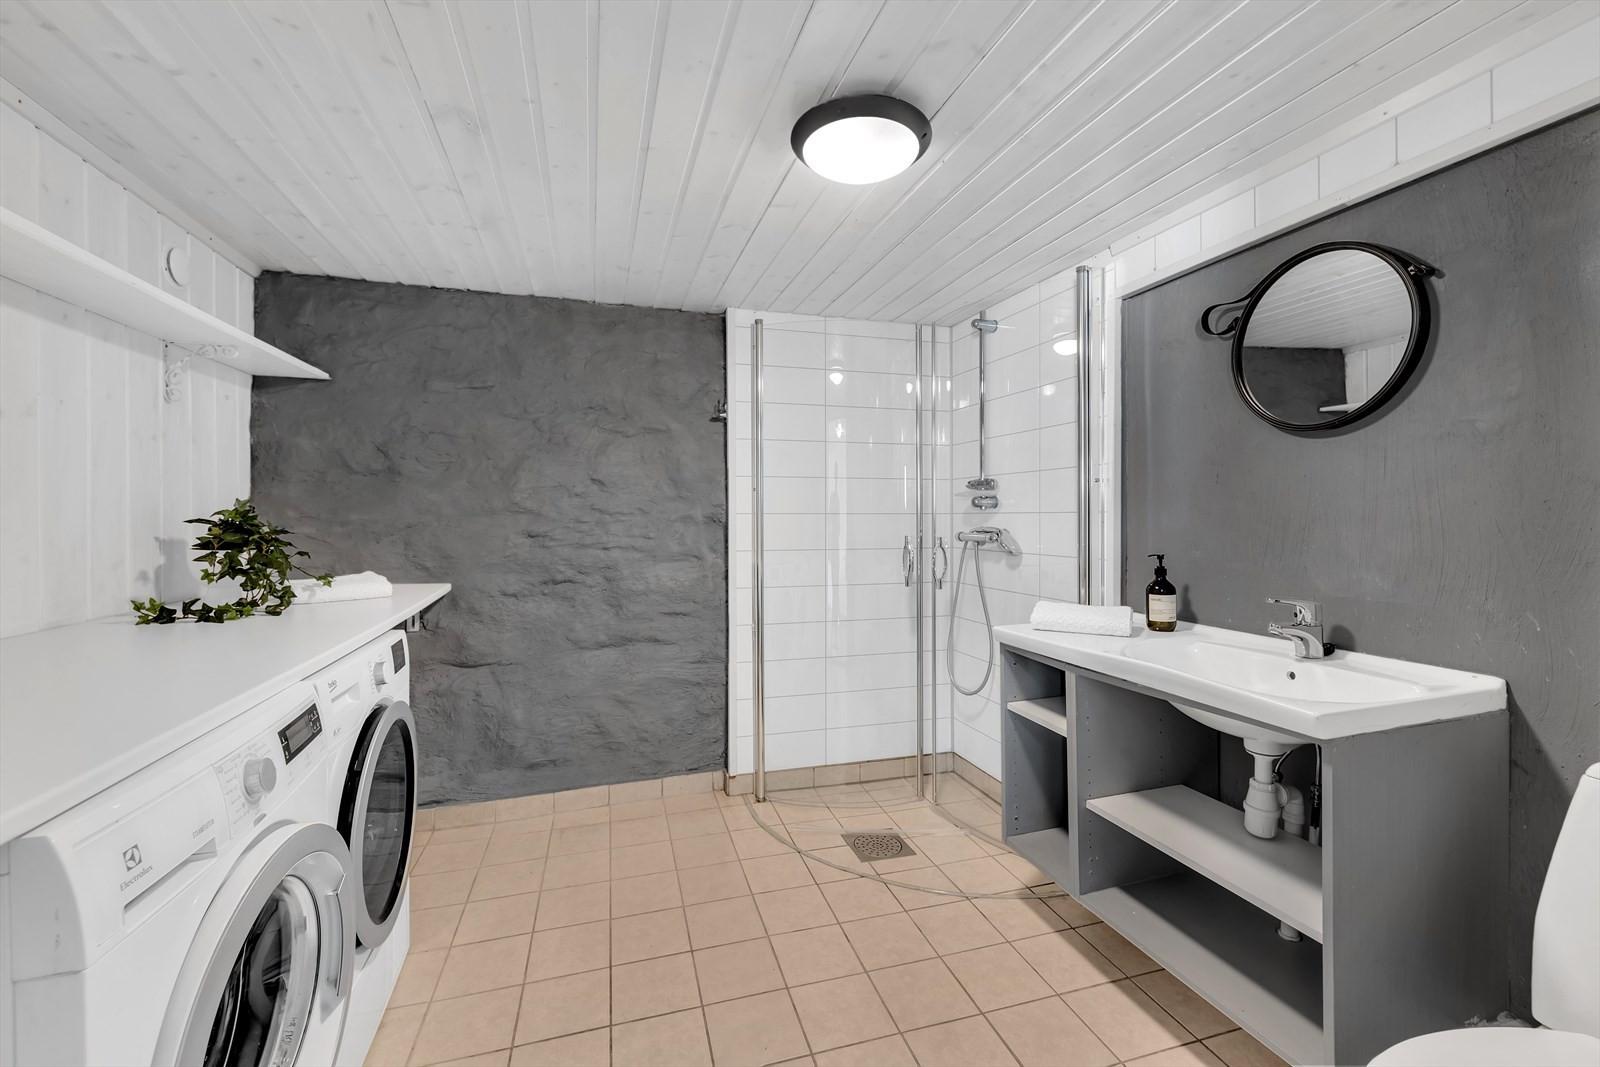 Badrom u. etasje m/ opplegg til vaskeløsning.